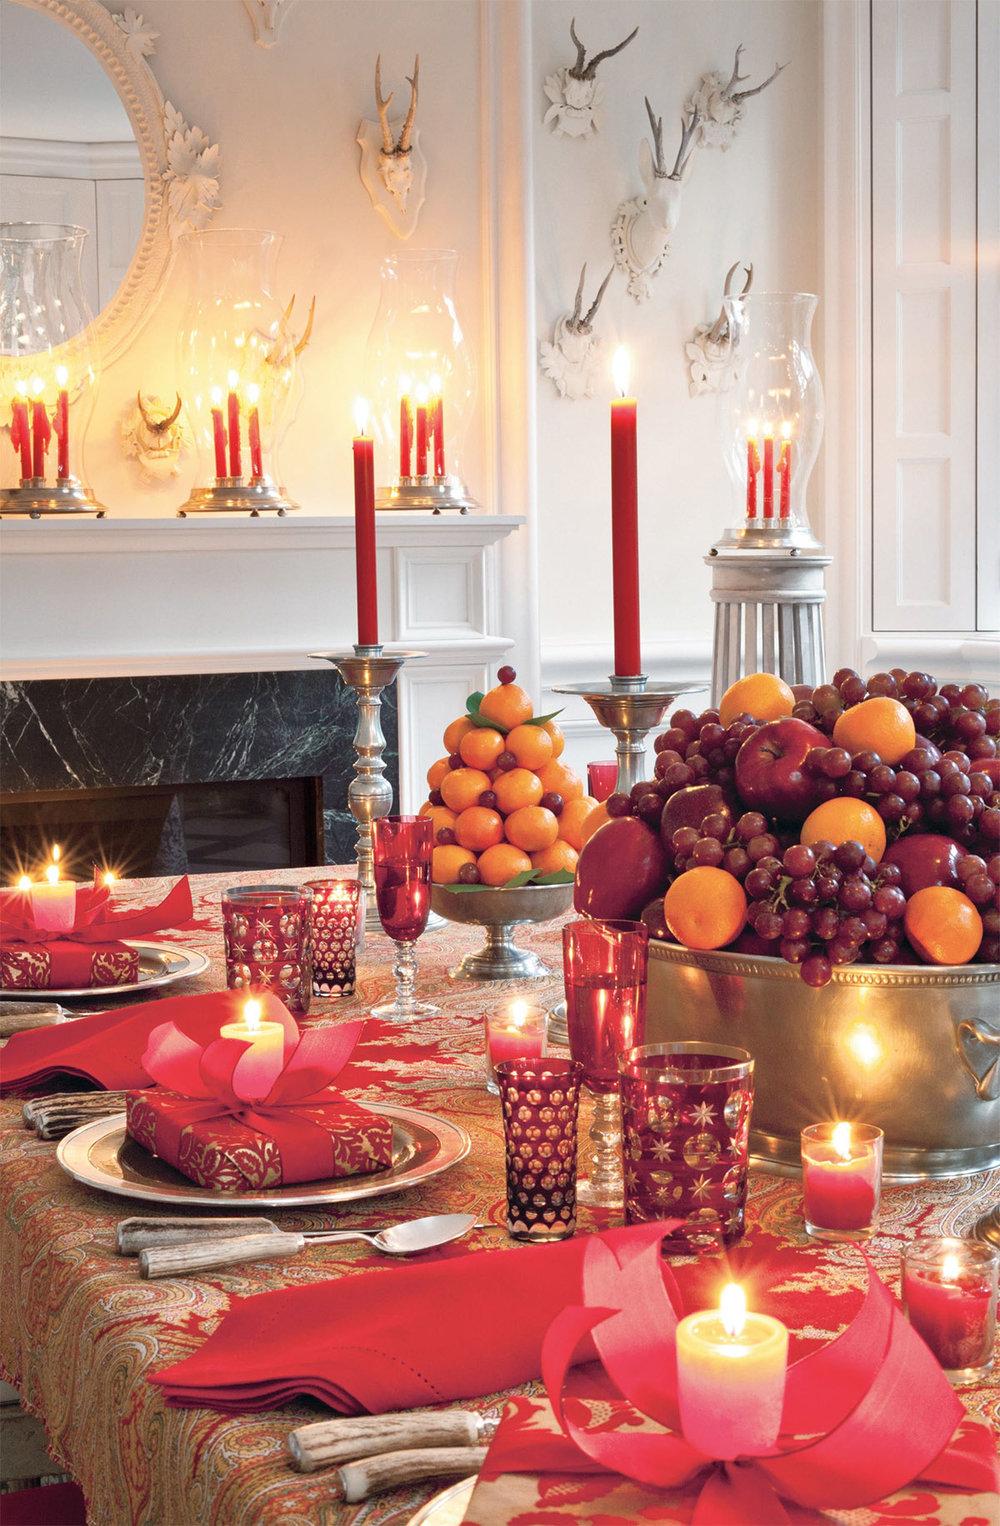 Holiday tabletop by Carolyne Roehm via Veranda Magazine